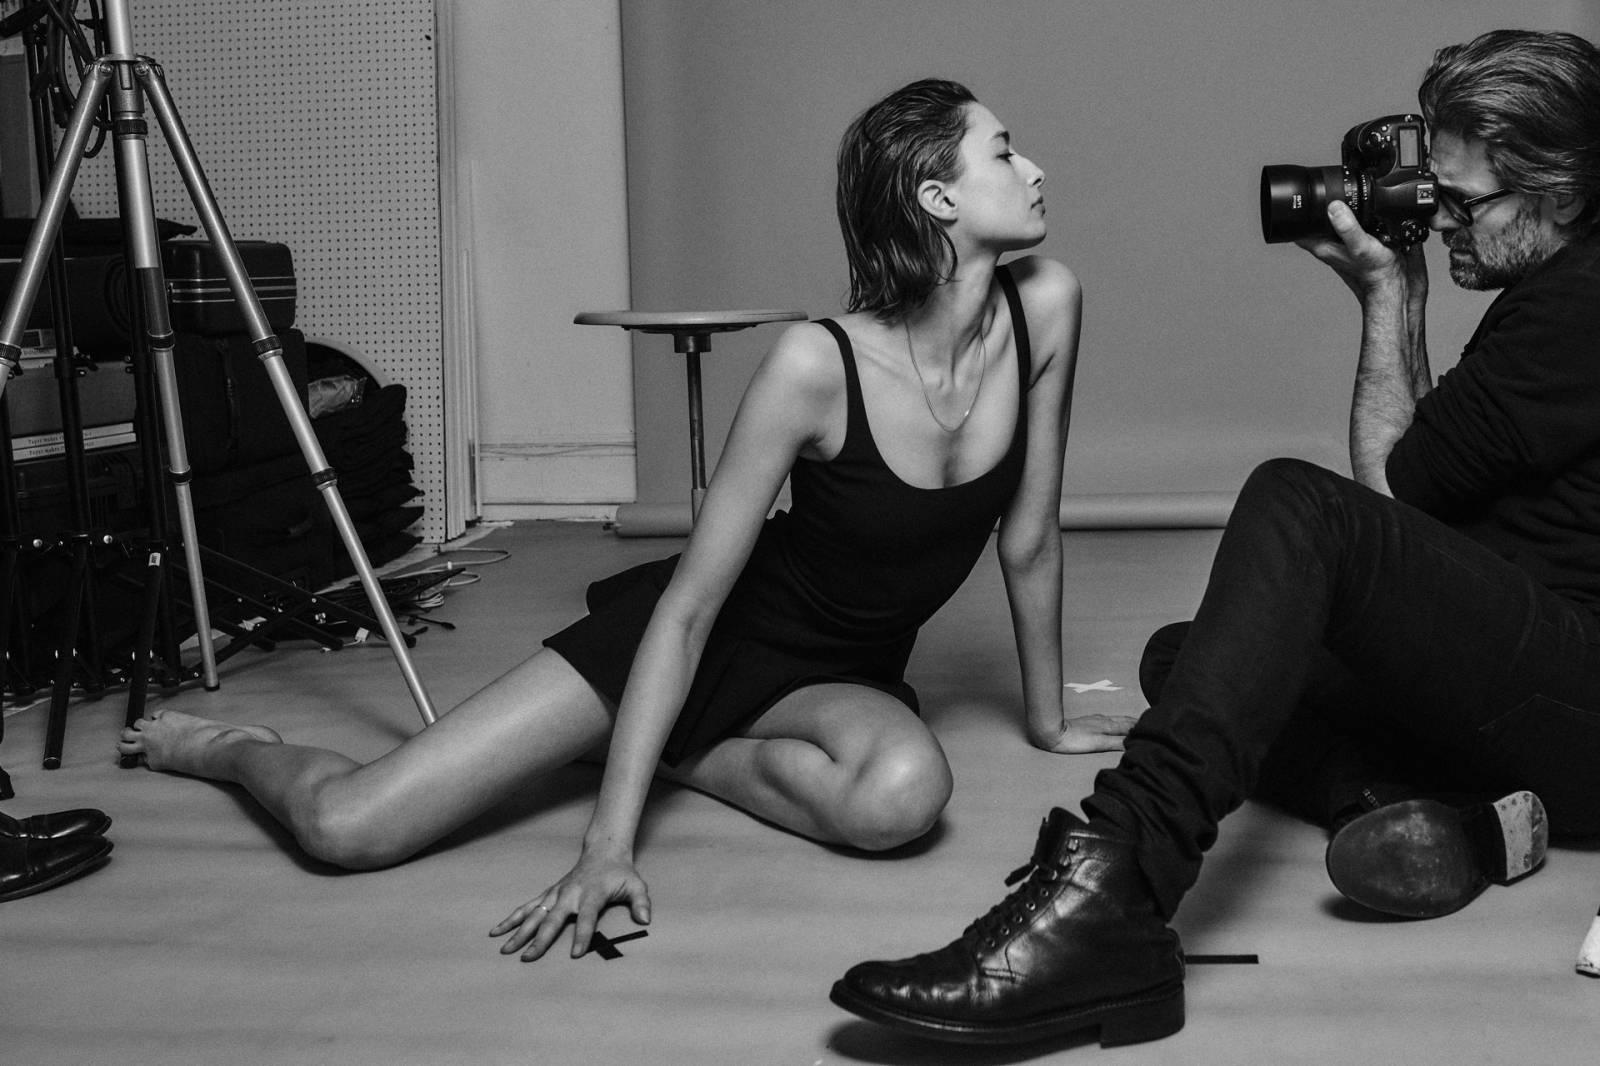 Любовь после пандемии: новая обложка польского Vogue (ФОТО) - фото №1